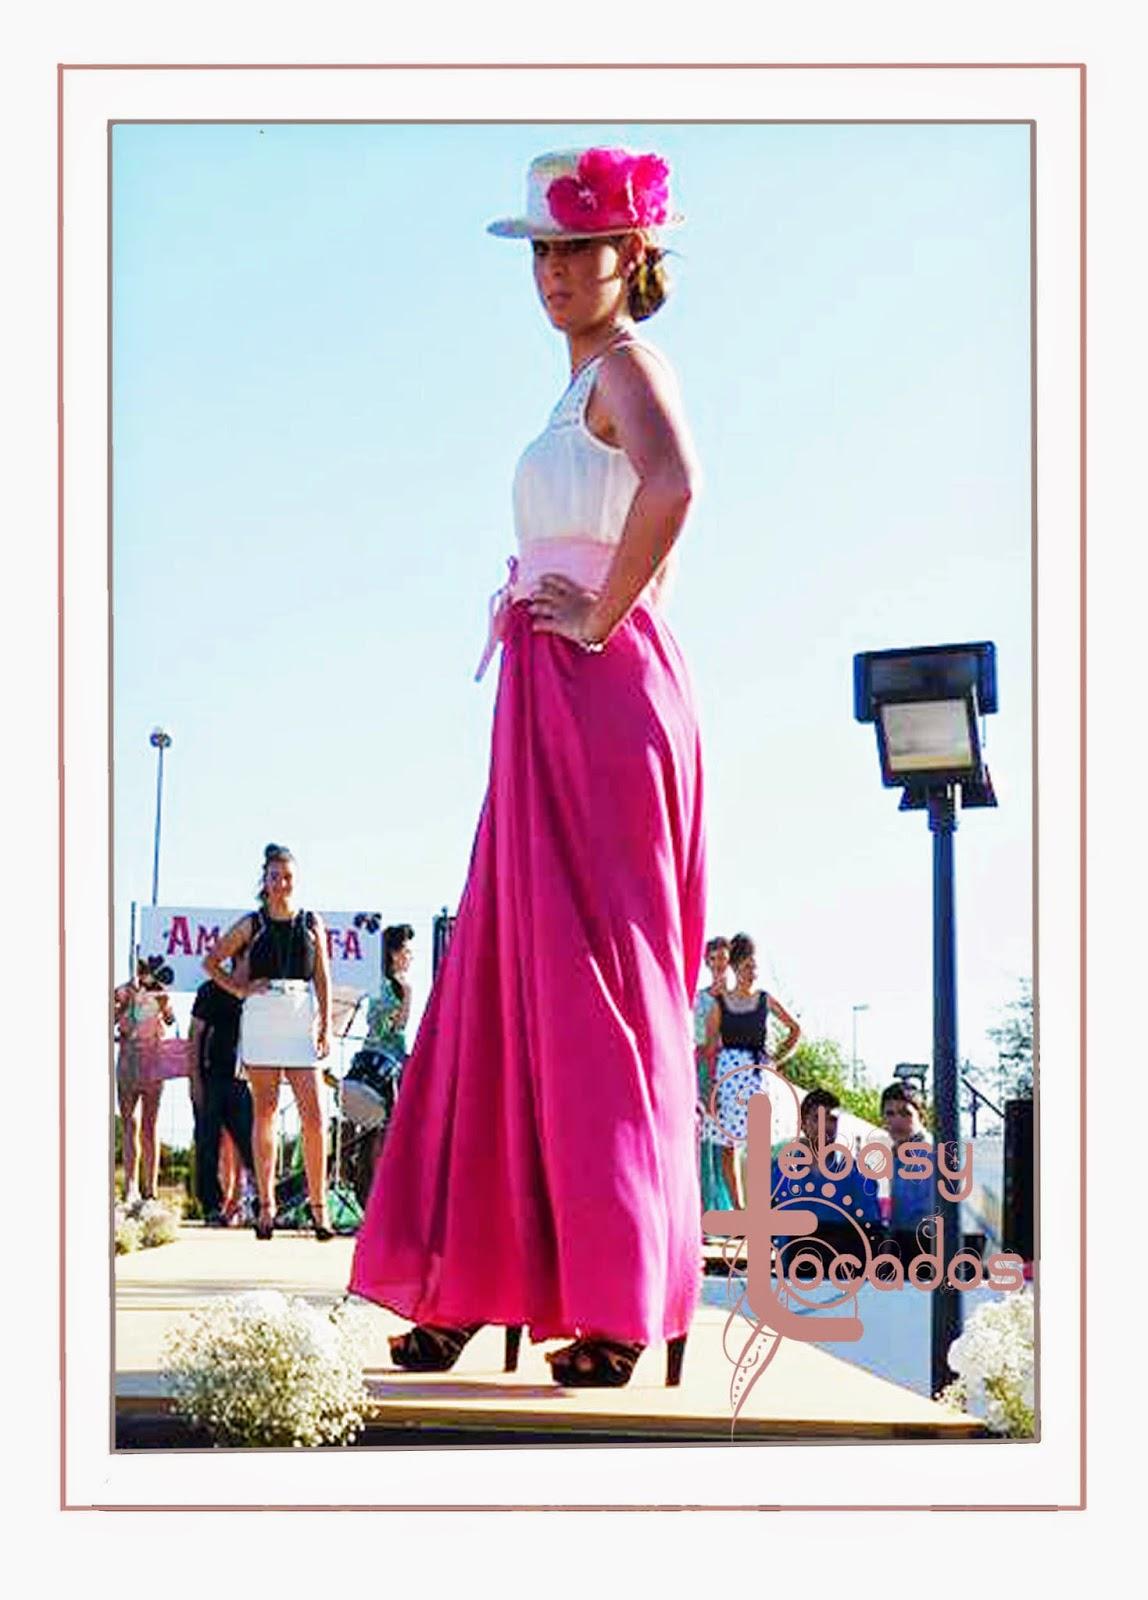 Canotier de Lebasy Tocados realizado para este look de Amaranta en Manzanares Fashion Week